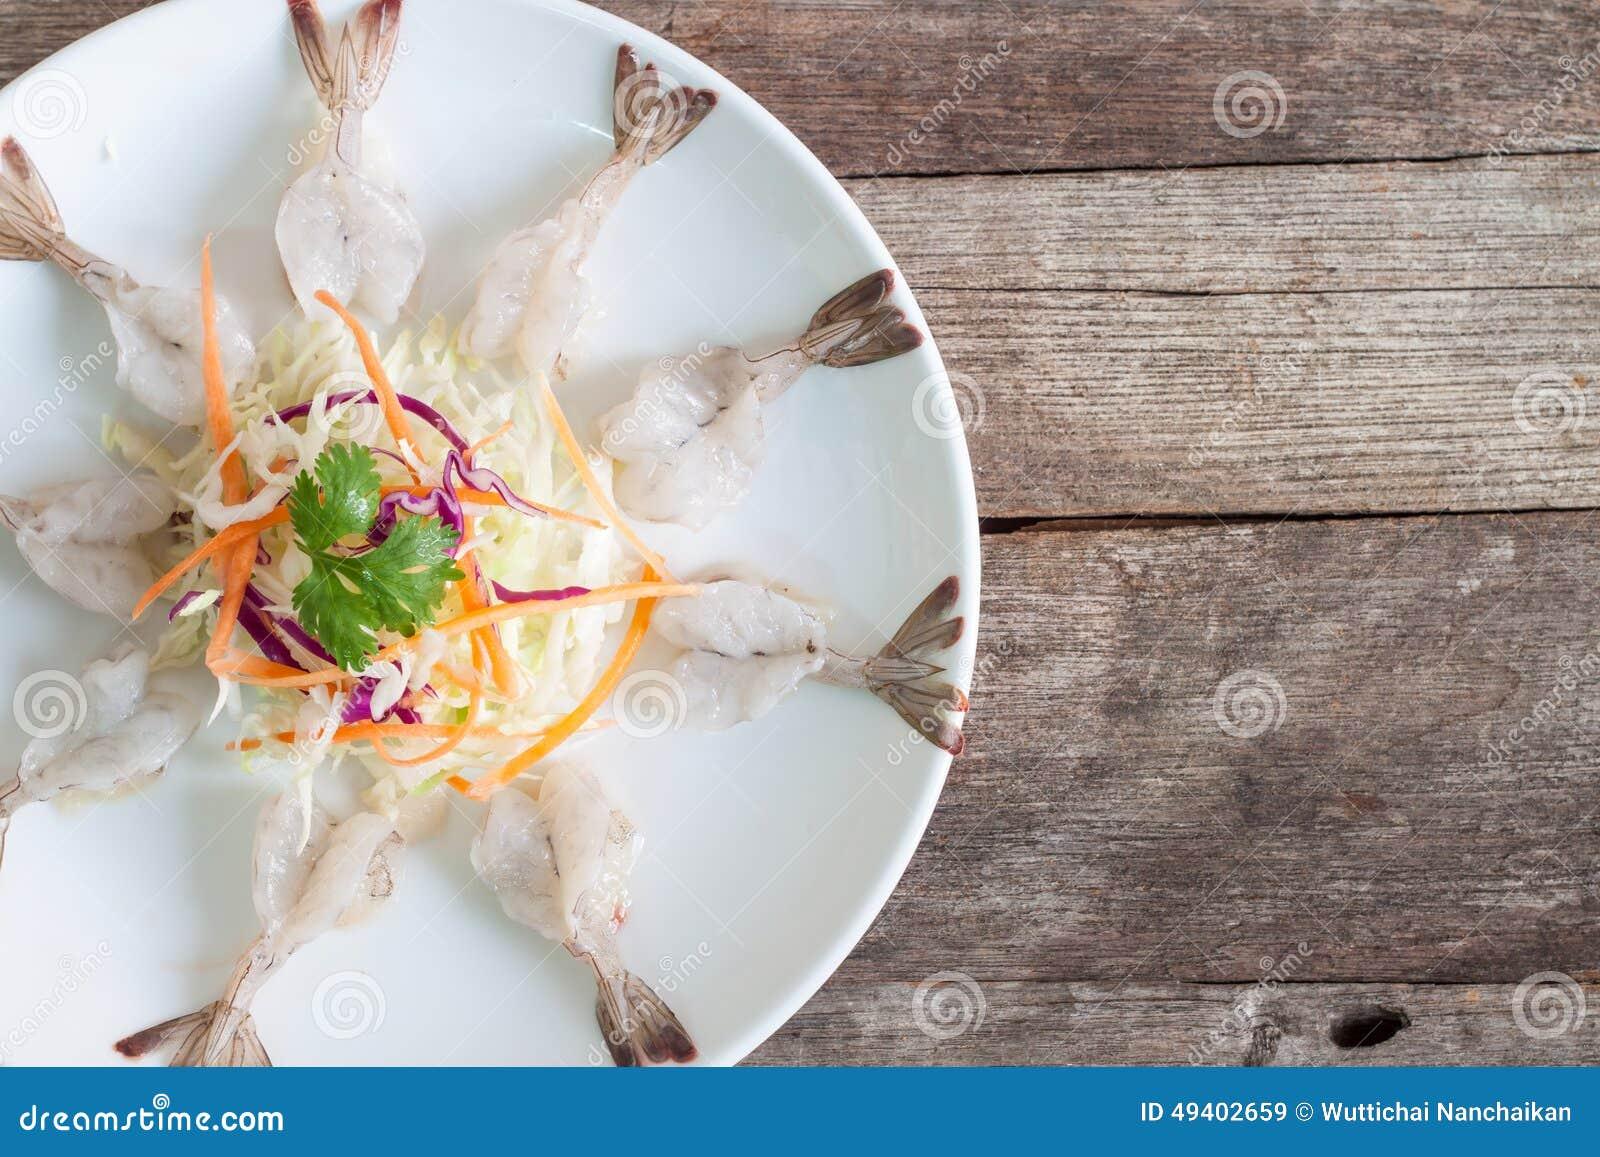 Download Salat Mit Frischen Garnelen Stockbild - Bild von salat, seafood: 49402659